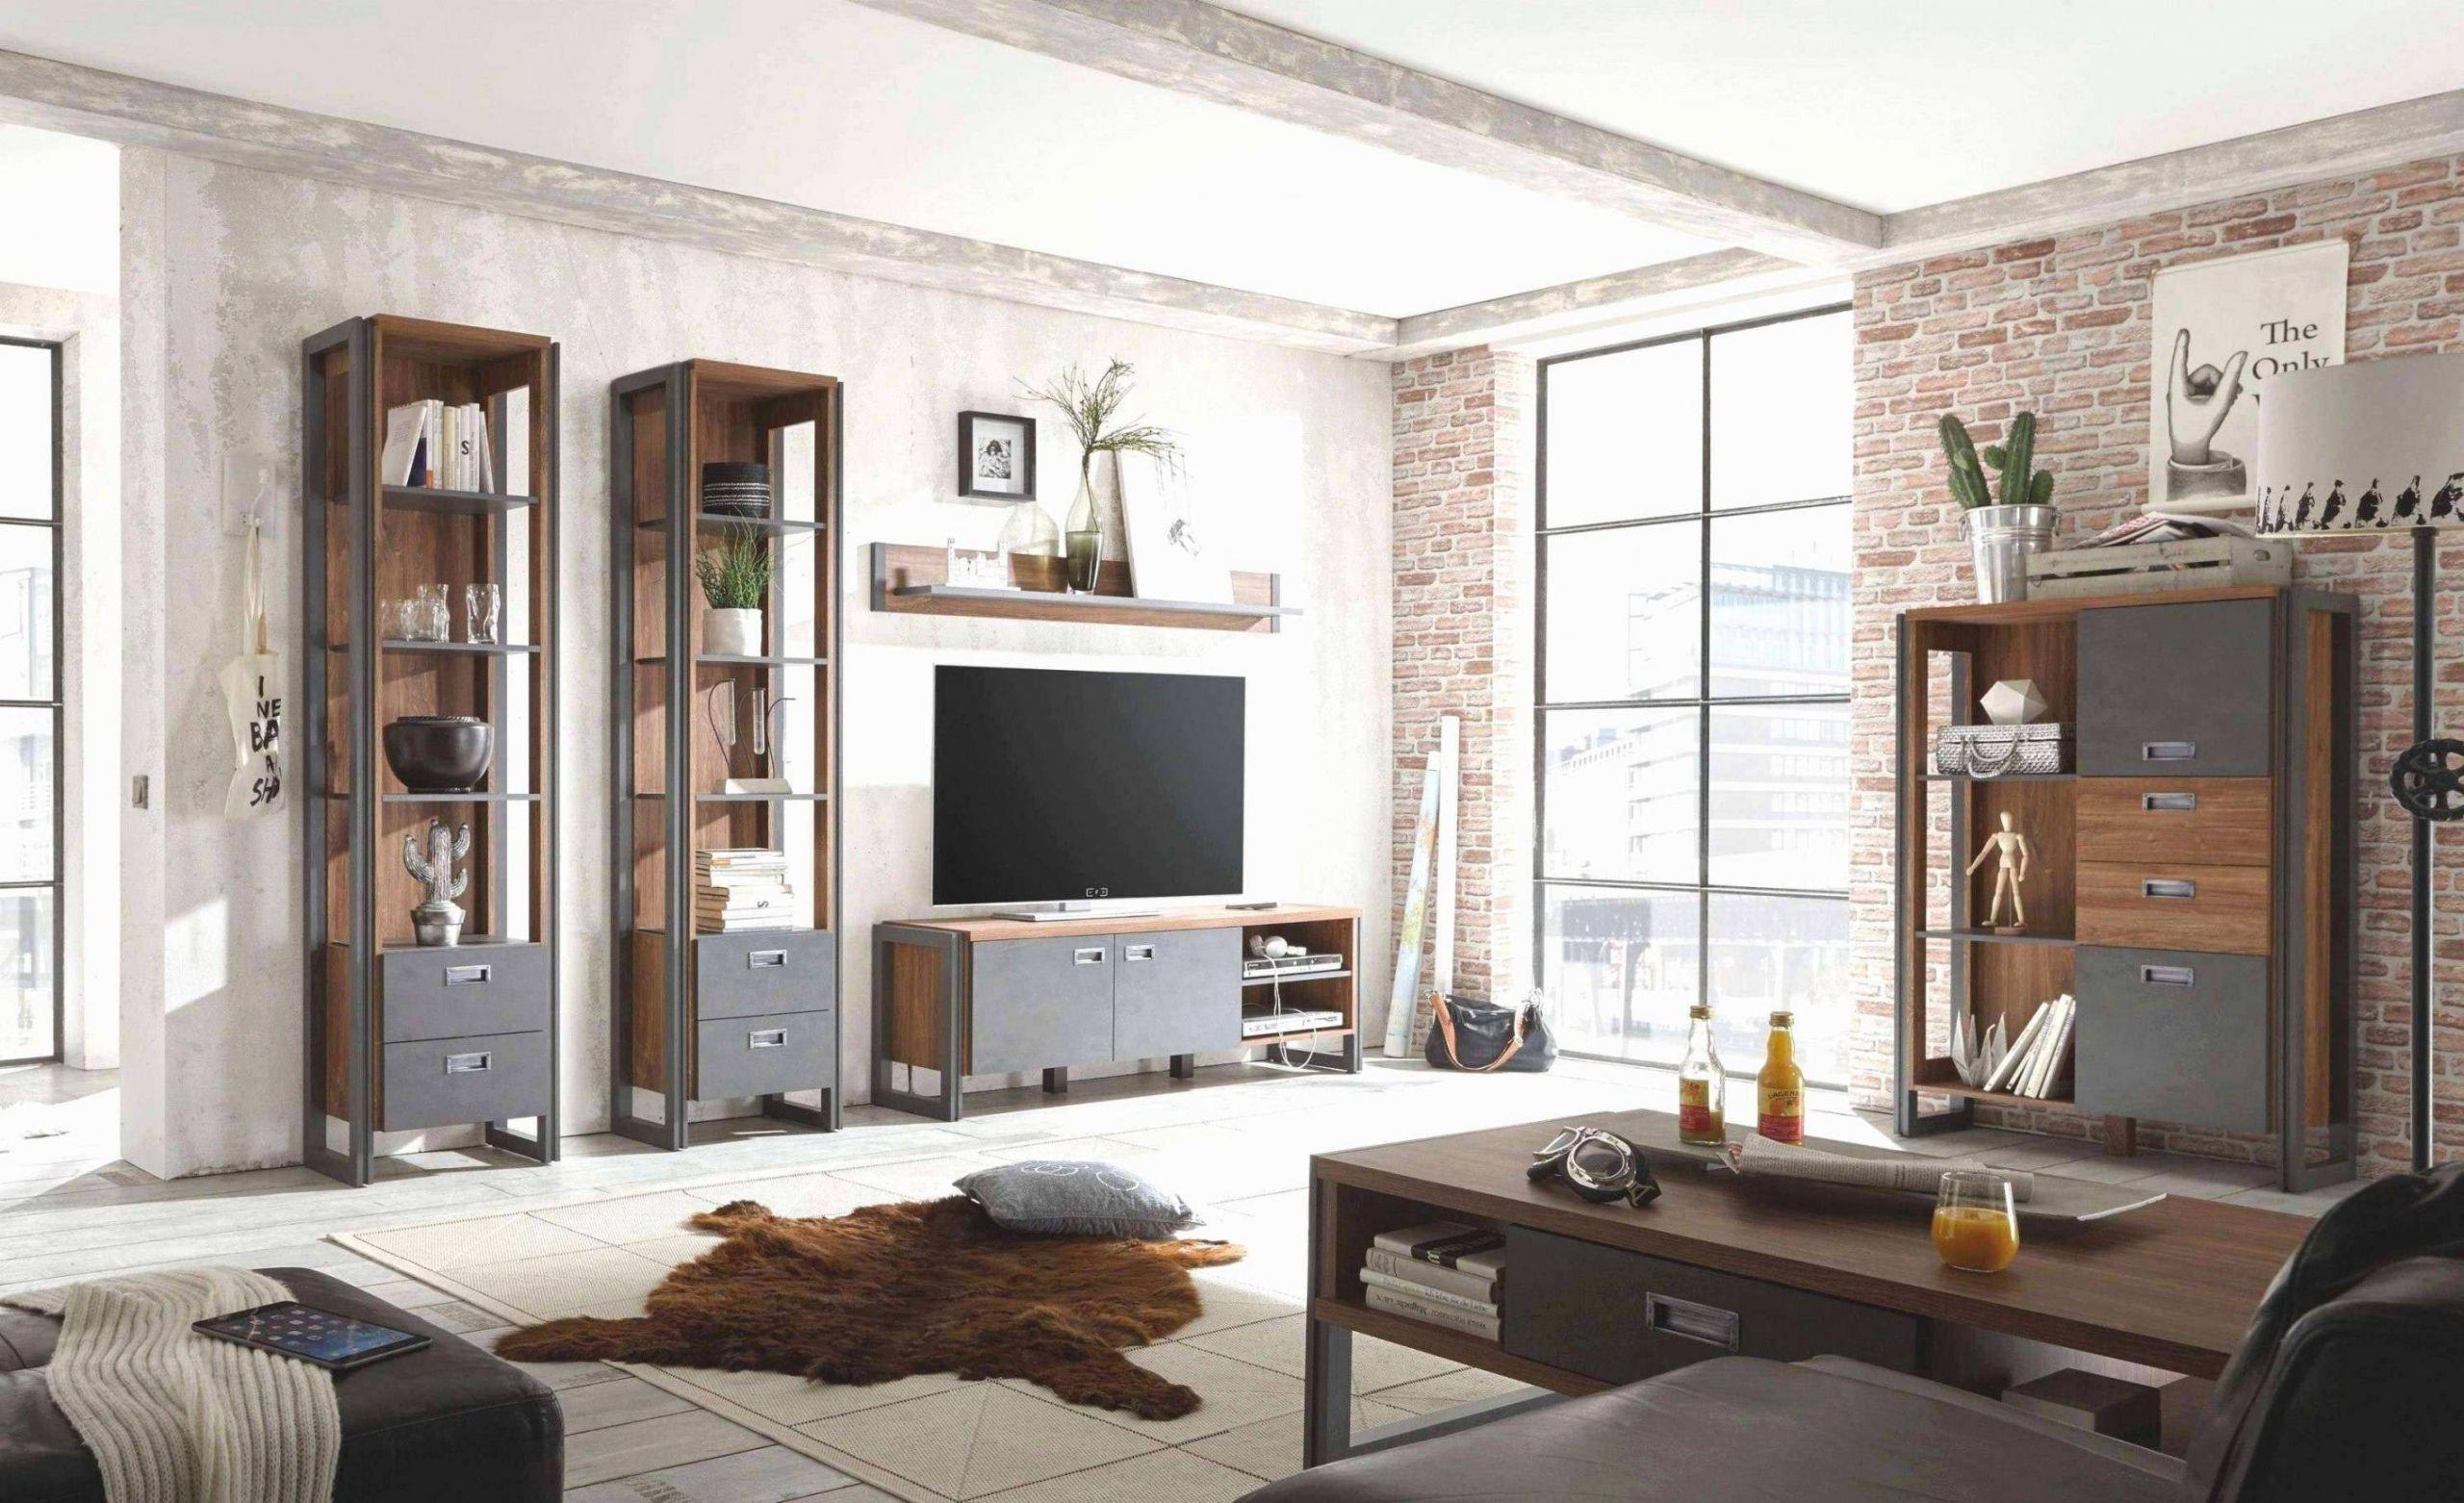 Full Size of Wohnzimmer Kommode Nussbaum Wohnzimmer Kommode Weiss Wohnzimmer Kommode Vintage Wohnzimmer Kommode Schwarz Wohnzimmer Wohnzimmer Kommode